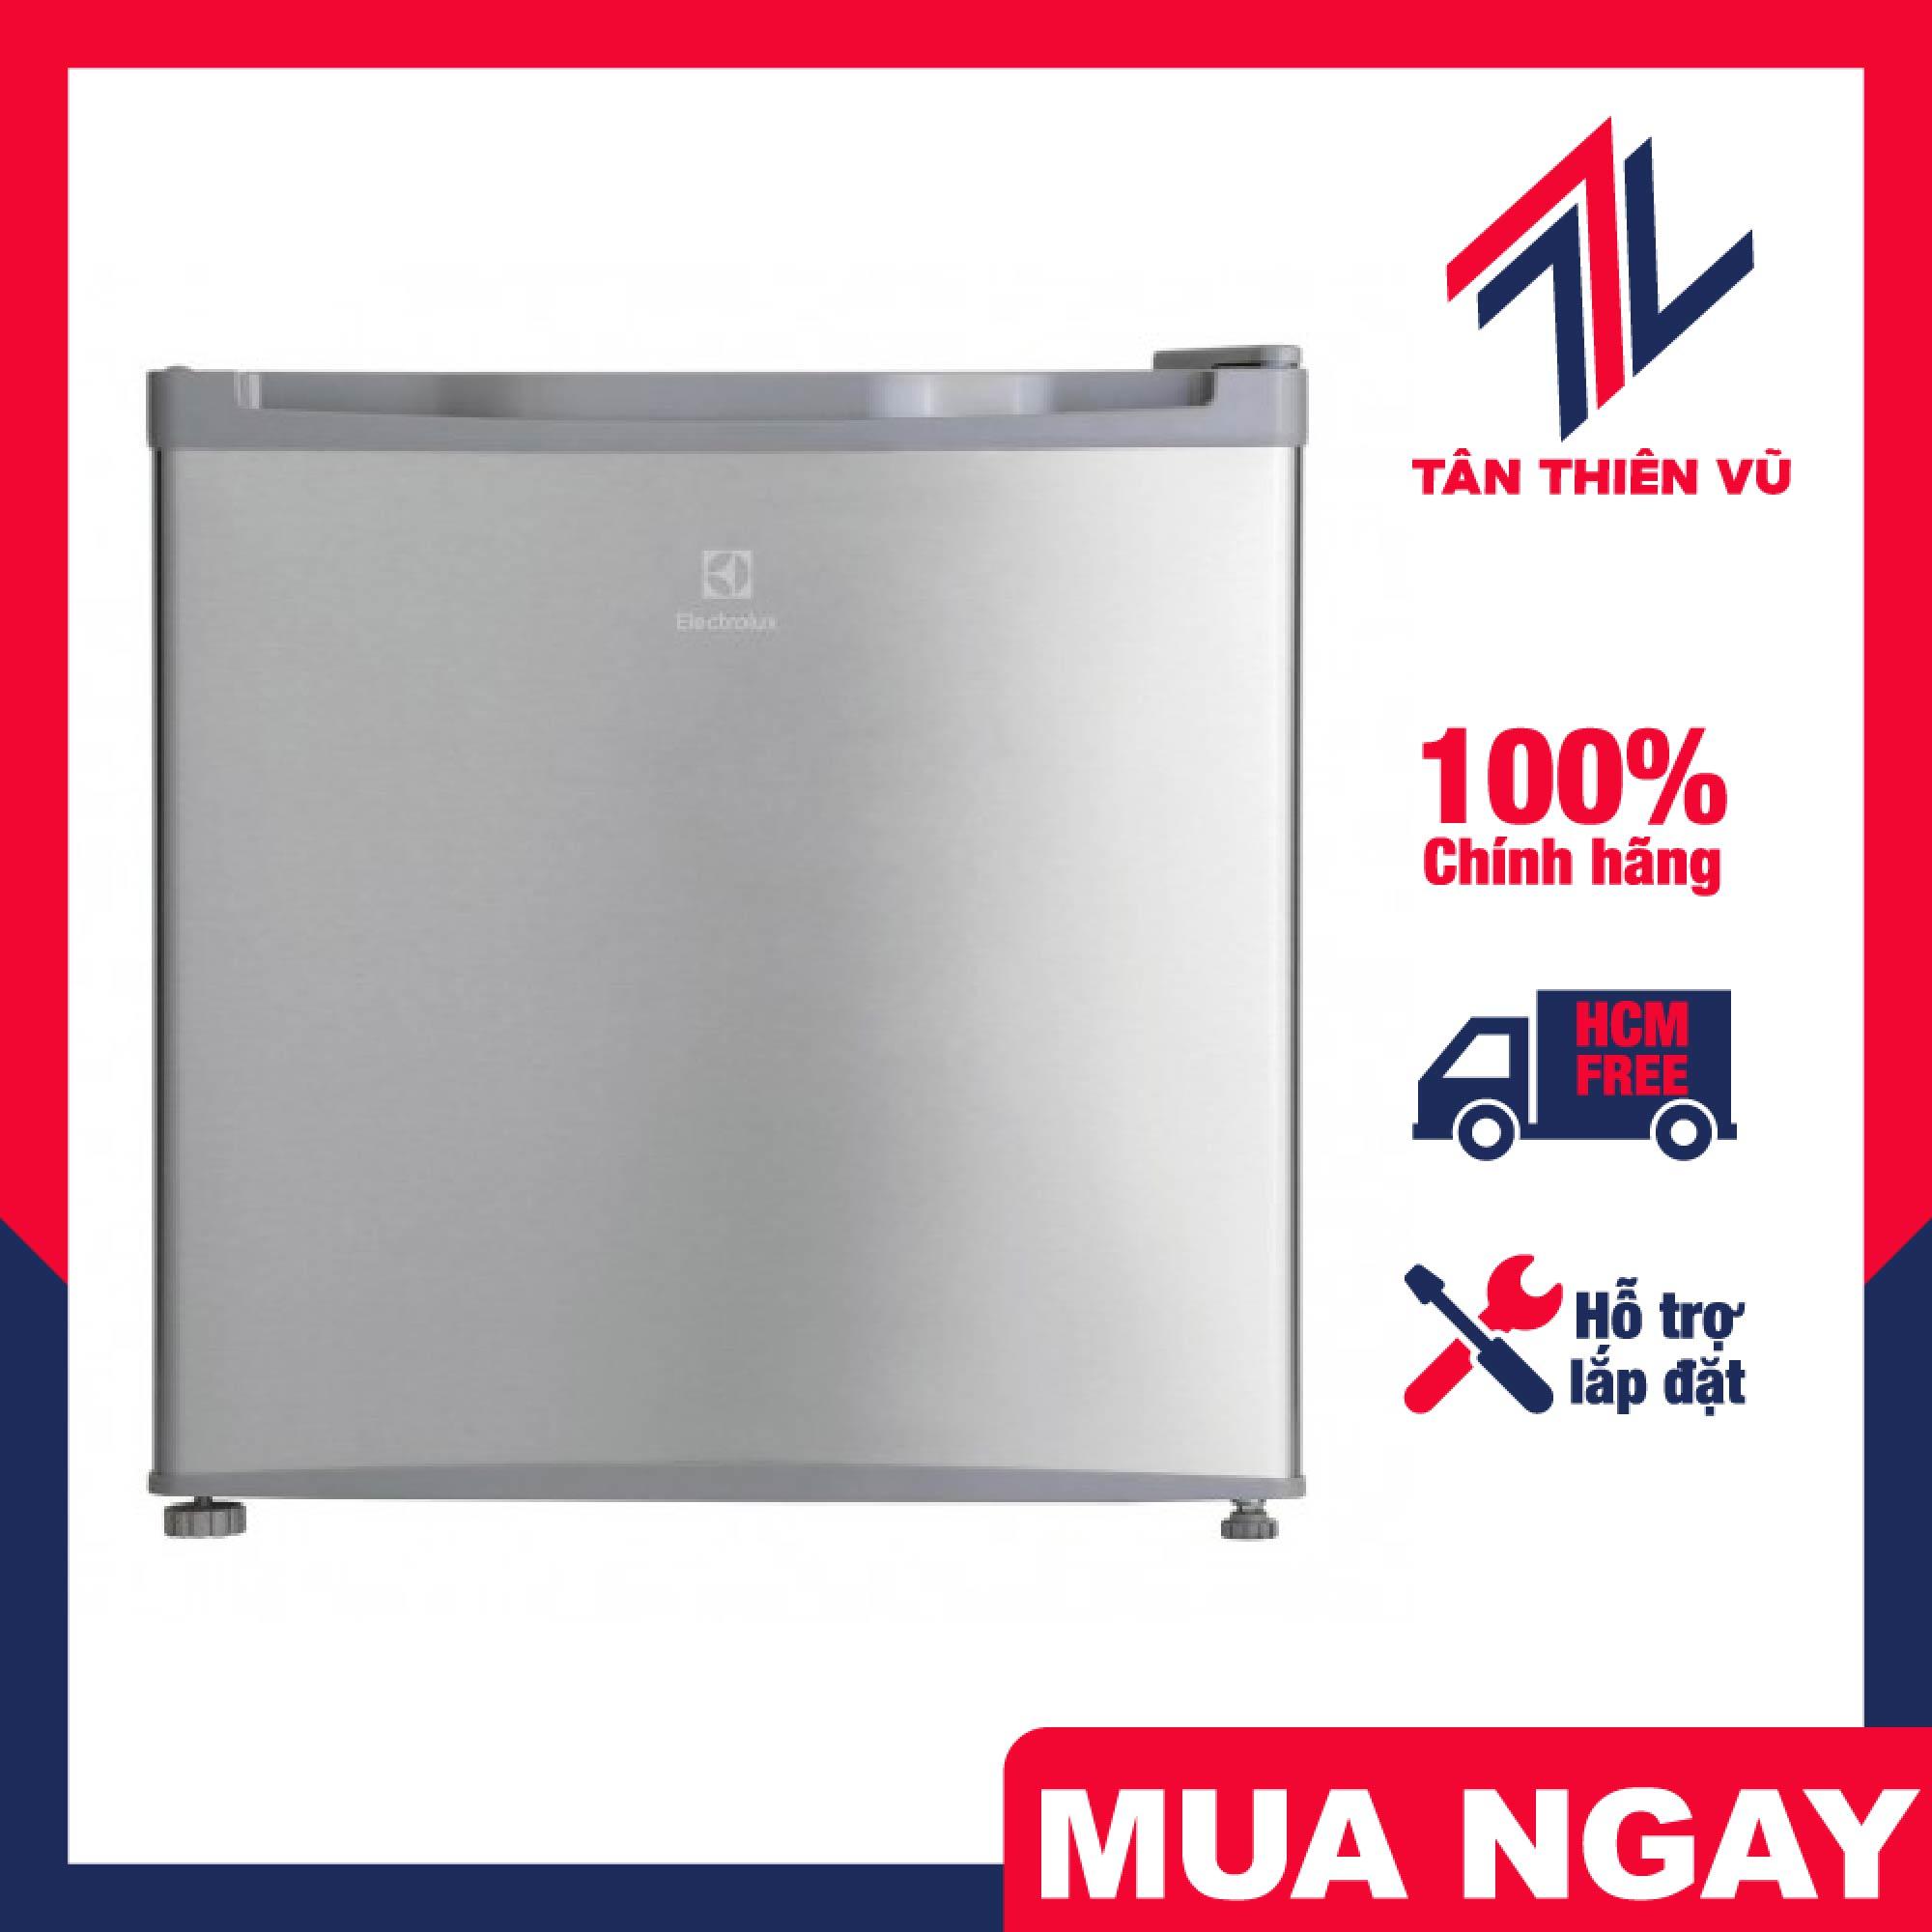 Tủ lạnh mini Electrolux EUM0500SB 52 lít, 100% chính hãng, hỗ trợ lắp đặt tận nhà, miễn phí giao hàng khu vực HCM